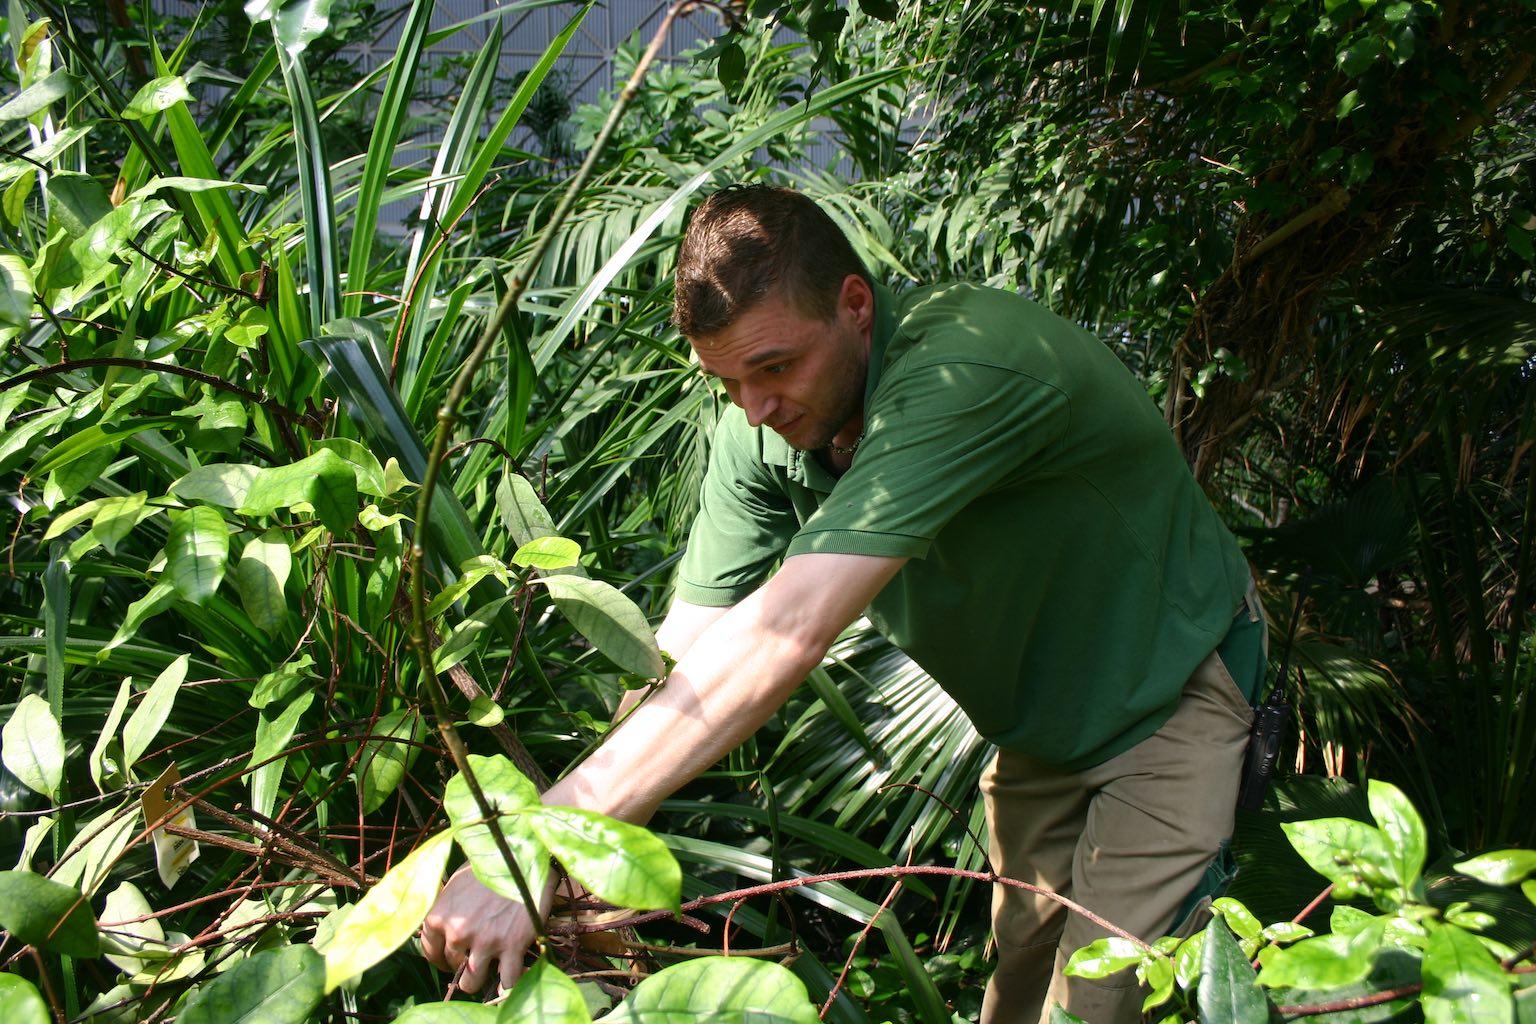 Der Tropensimulator mit echten Pflanzen braucht viel Pflege